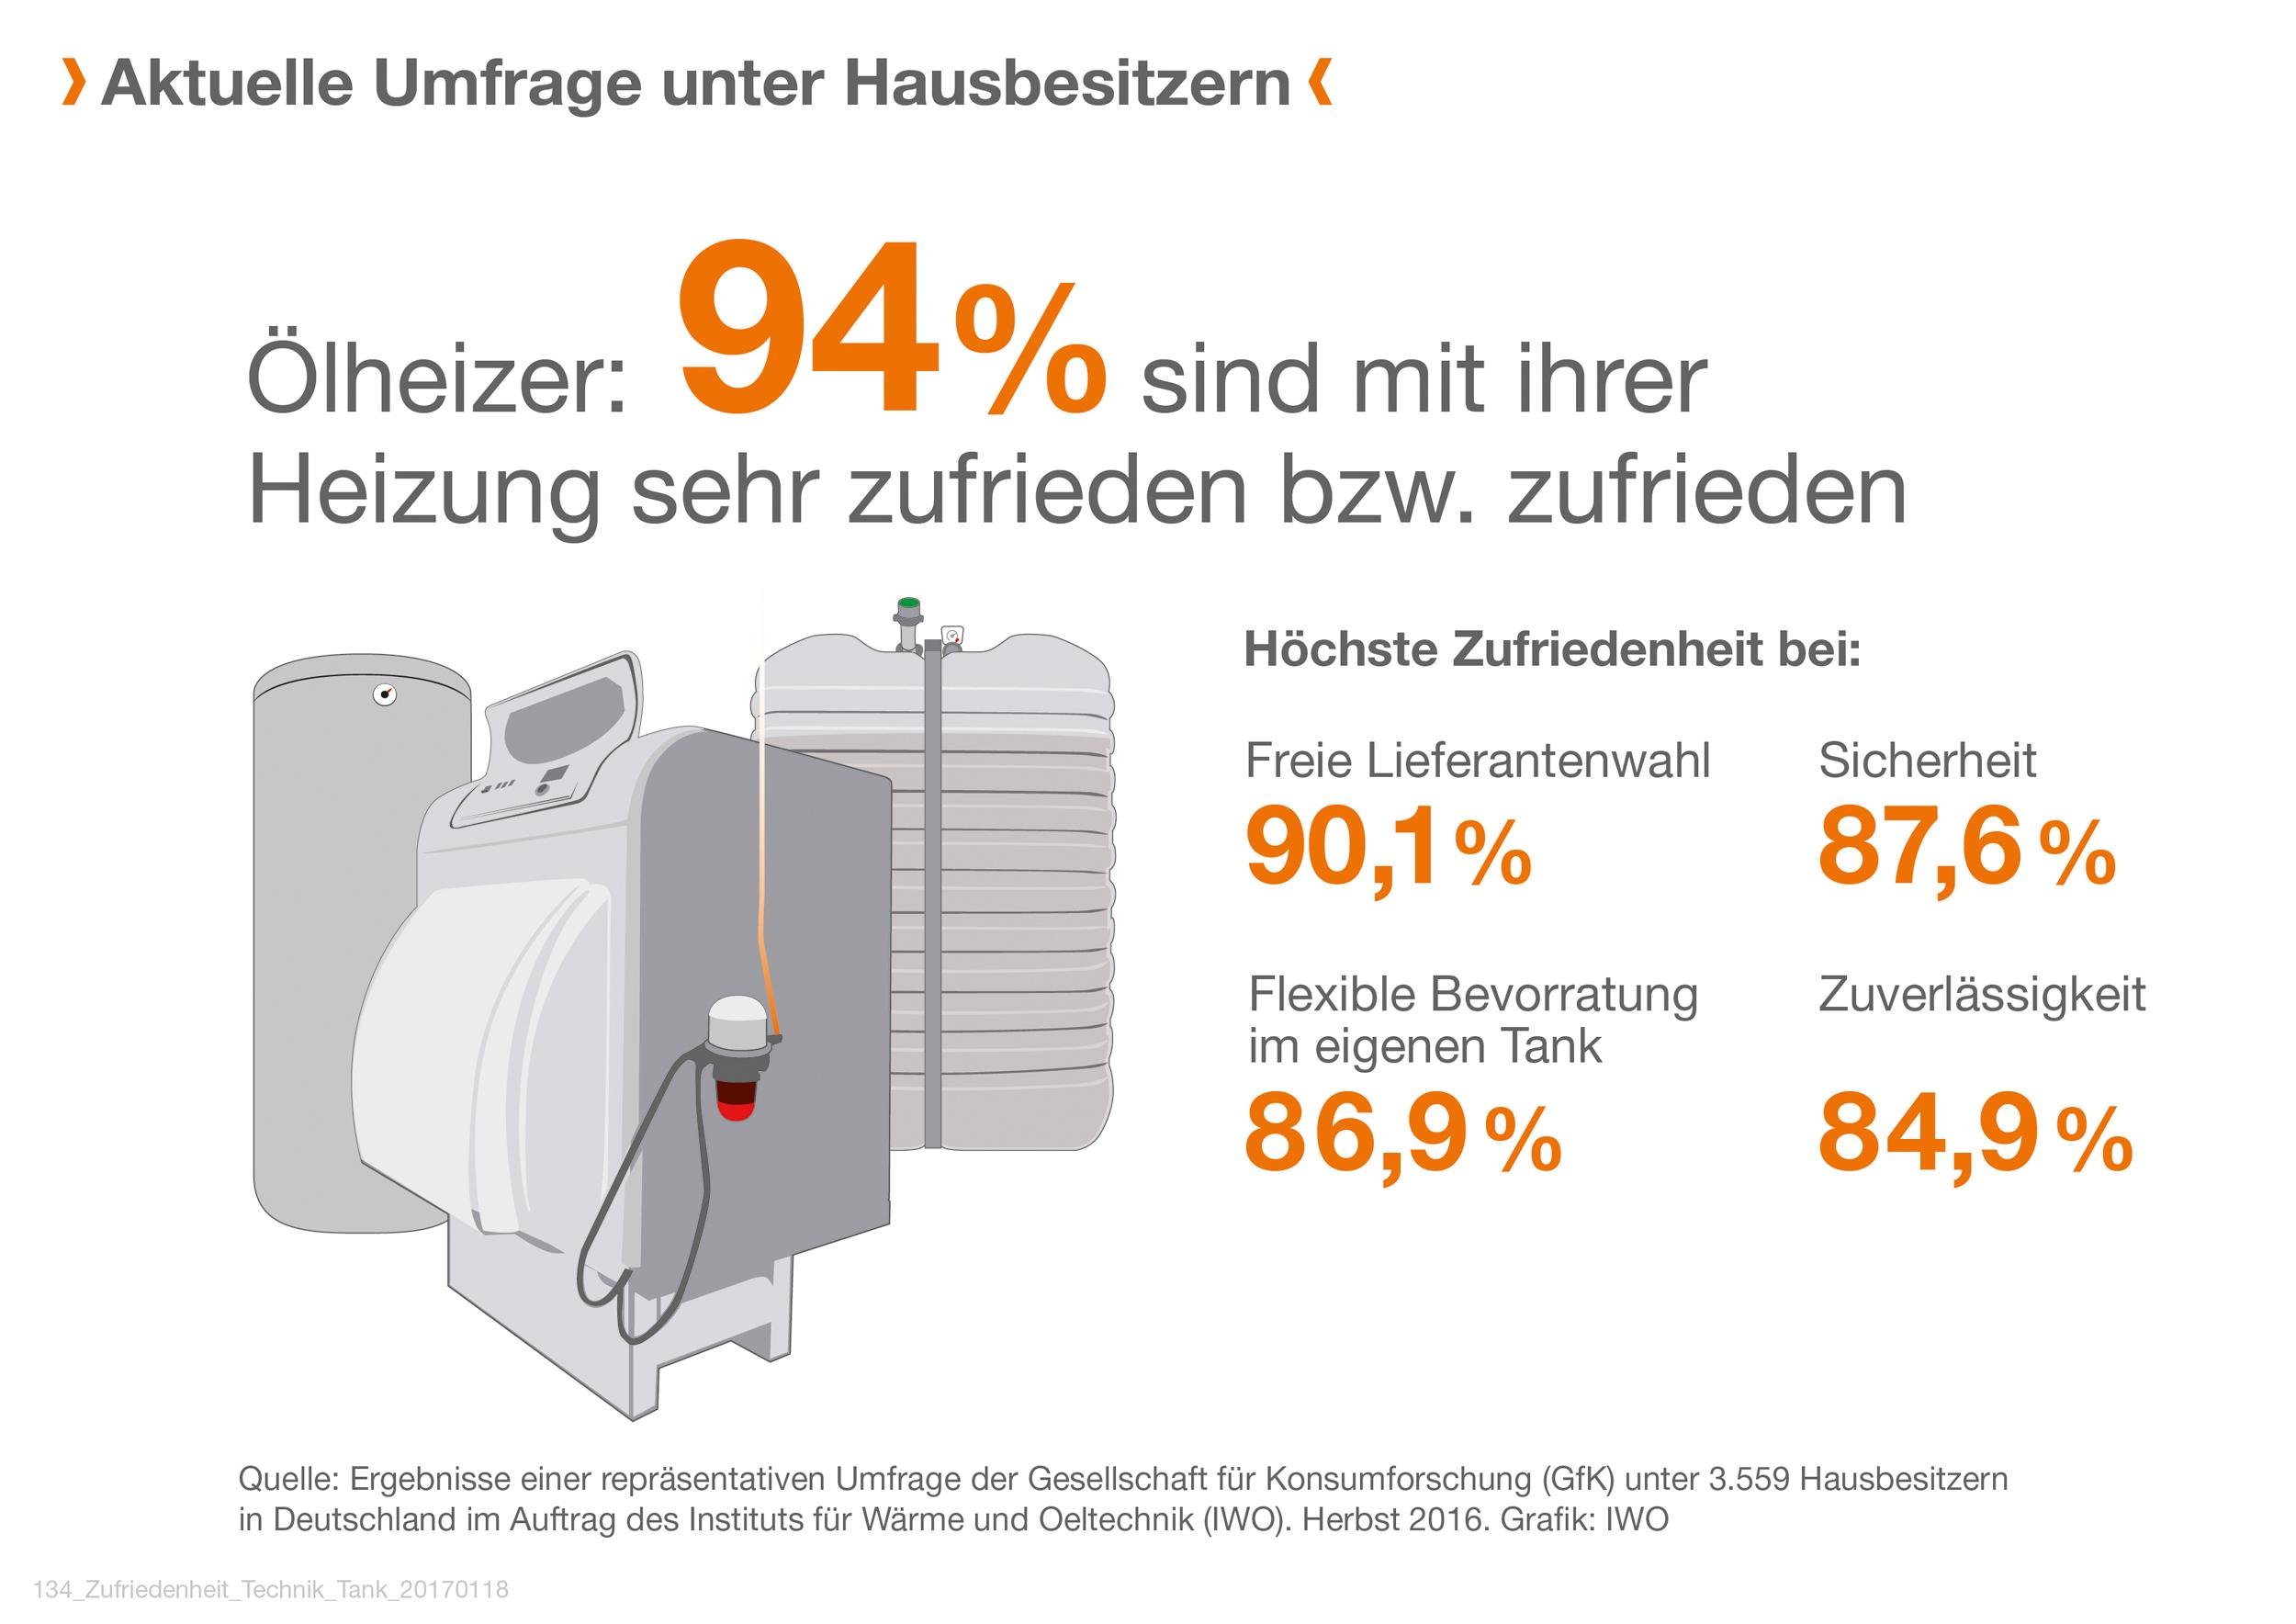 Nach wie vor versorgen Ölheizungen insgesamt rund zehn Millionen deutsche Haushalte. Sie gelten als zuverlässig bei langer Lebensdauer, ermöglichen eine freie Wahl des Heizöl-Lieferanten und sorgen dank großer Vorratstanks für Unabhängigkeit. Bildquelle: tdx/IWO